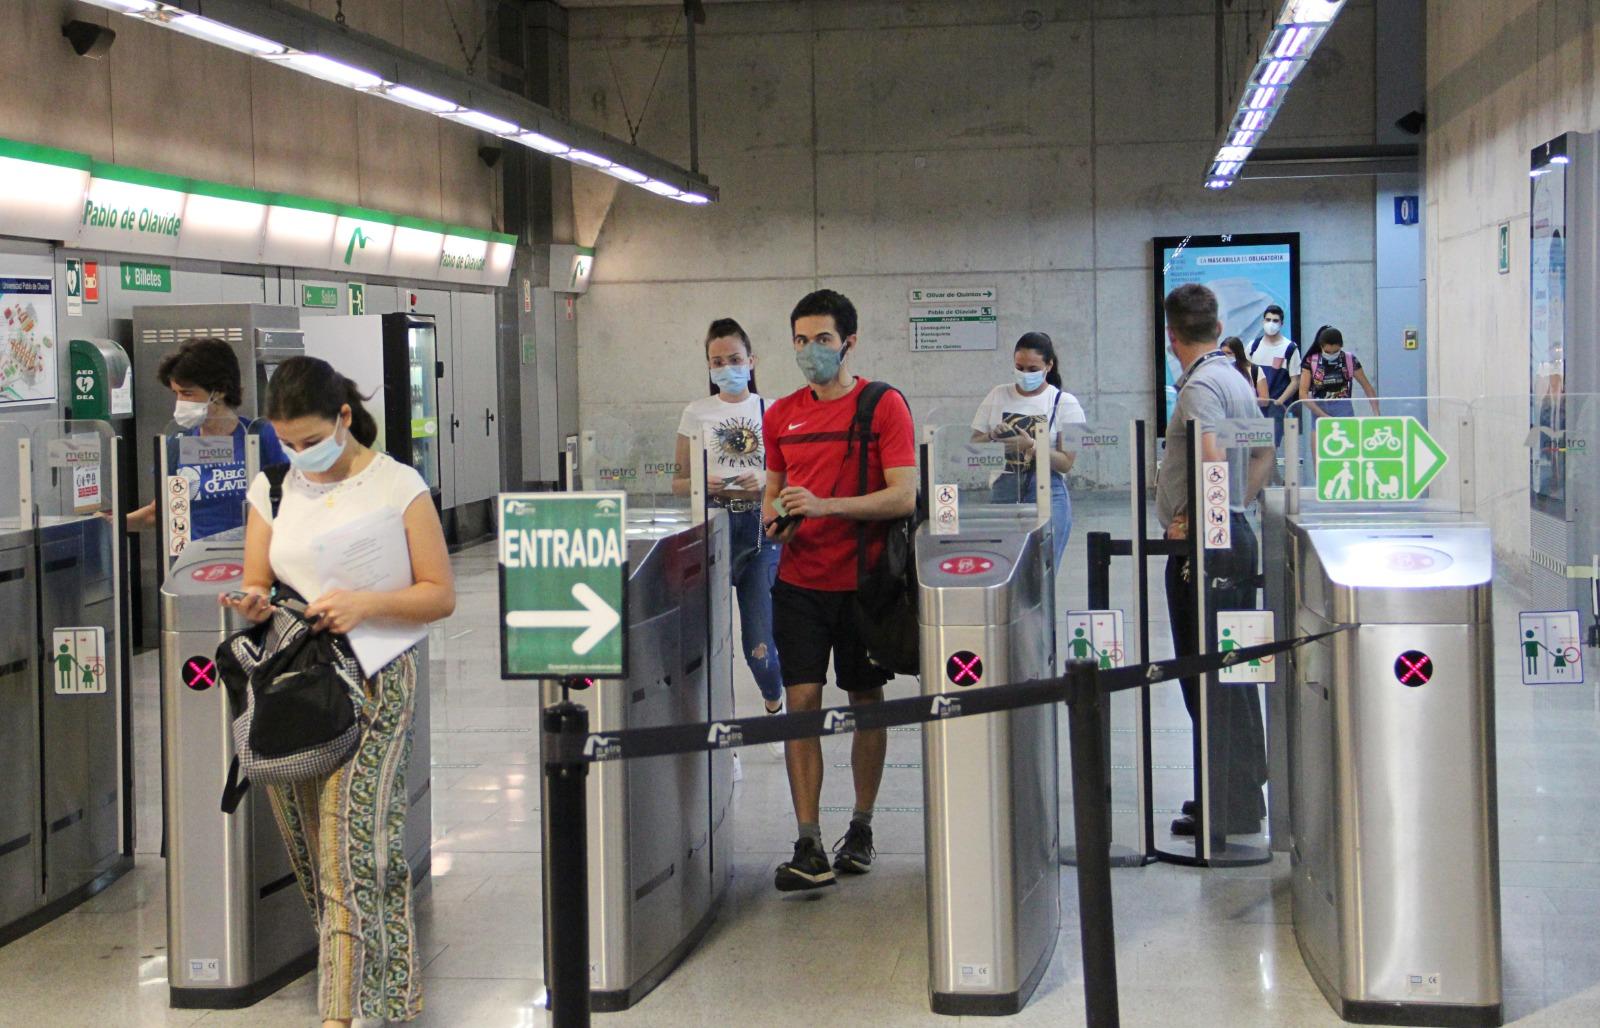 El Metro de Sevilla registra en marzo el primer alza de viajeros desde el inicio de la pandemia